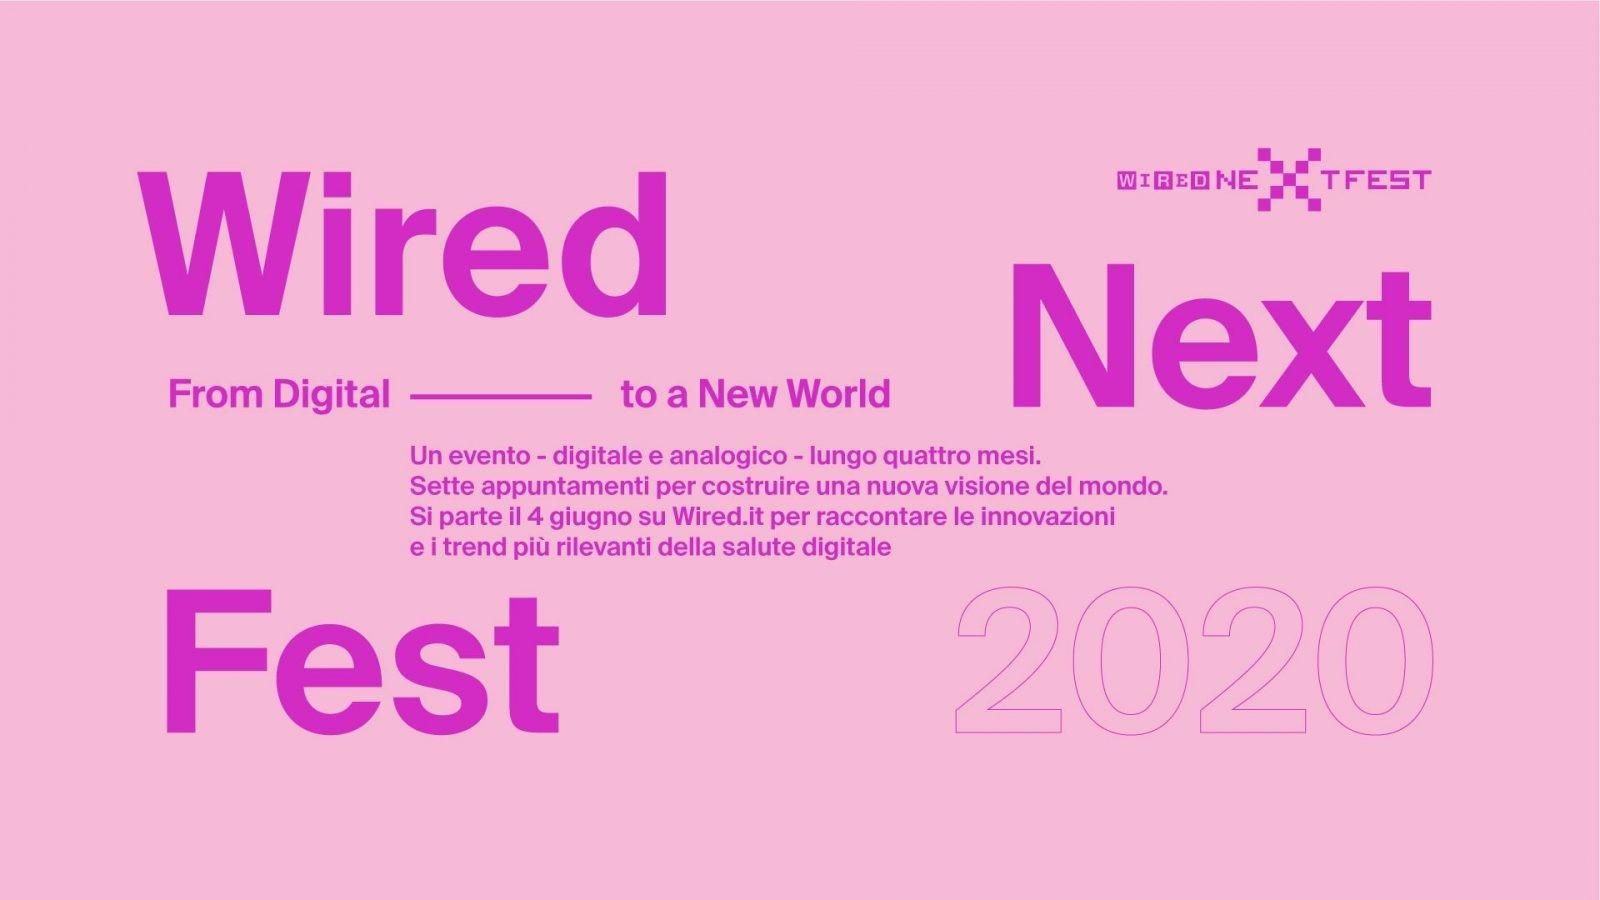 WIRED NEXT FEST 2020